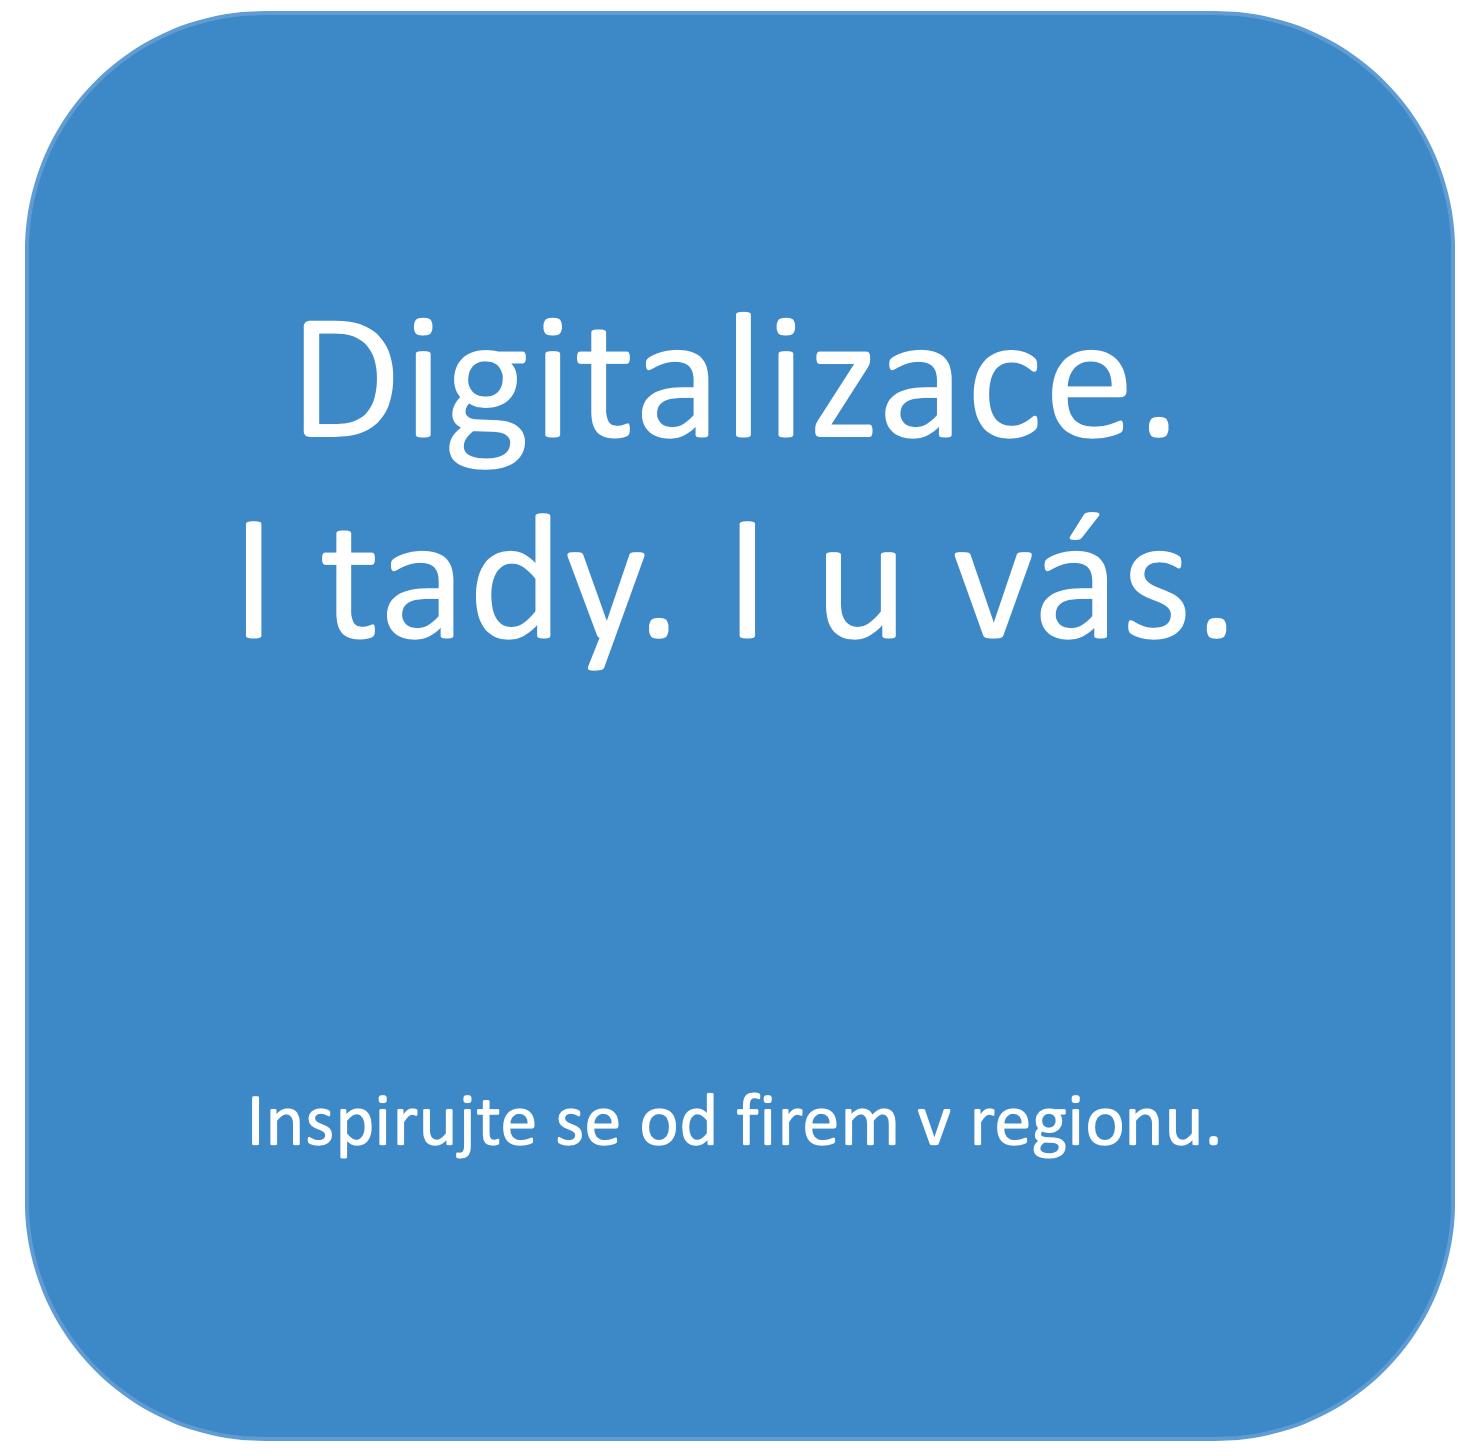 Digitalizace. I tady. I u vás.